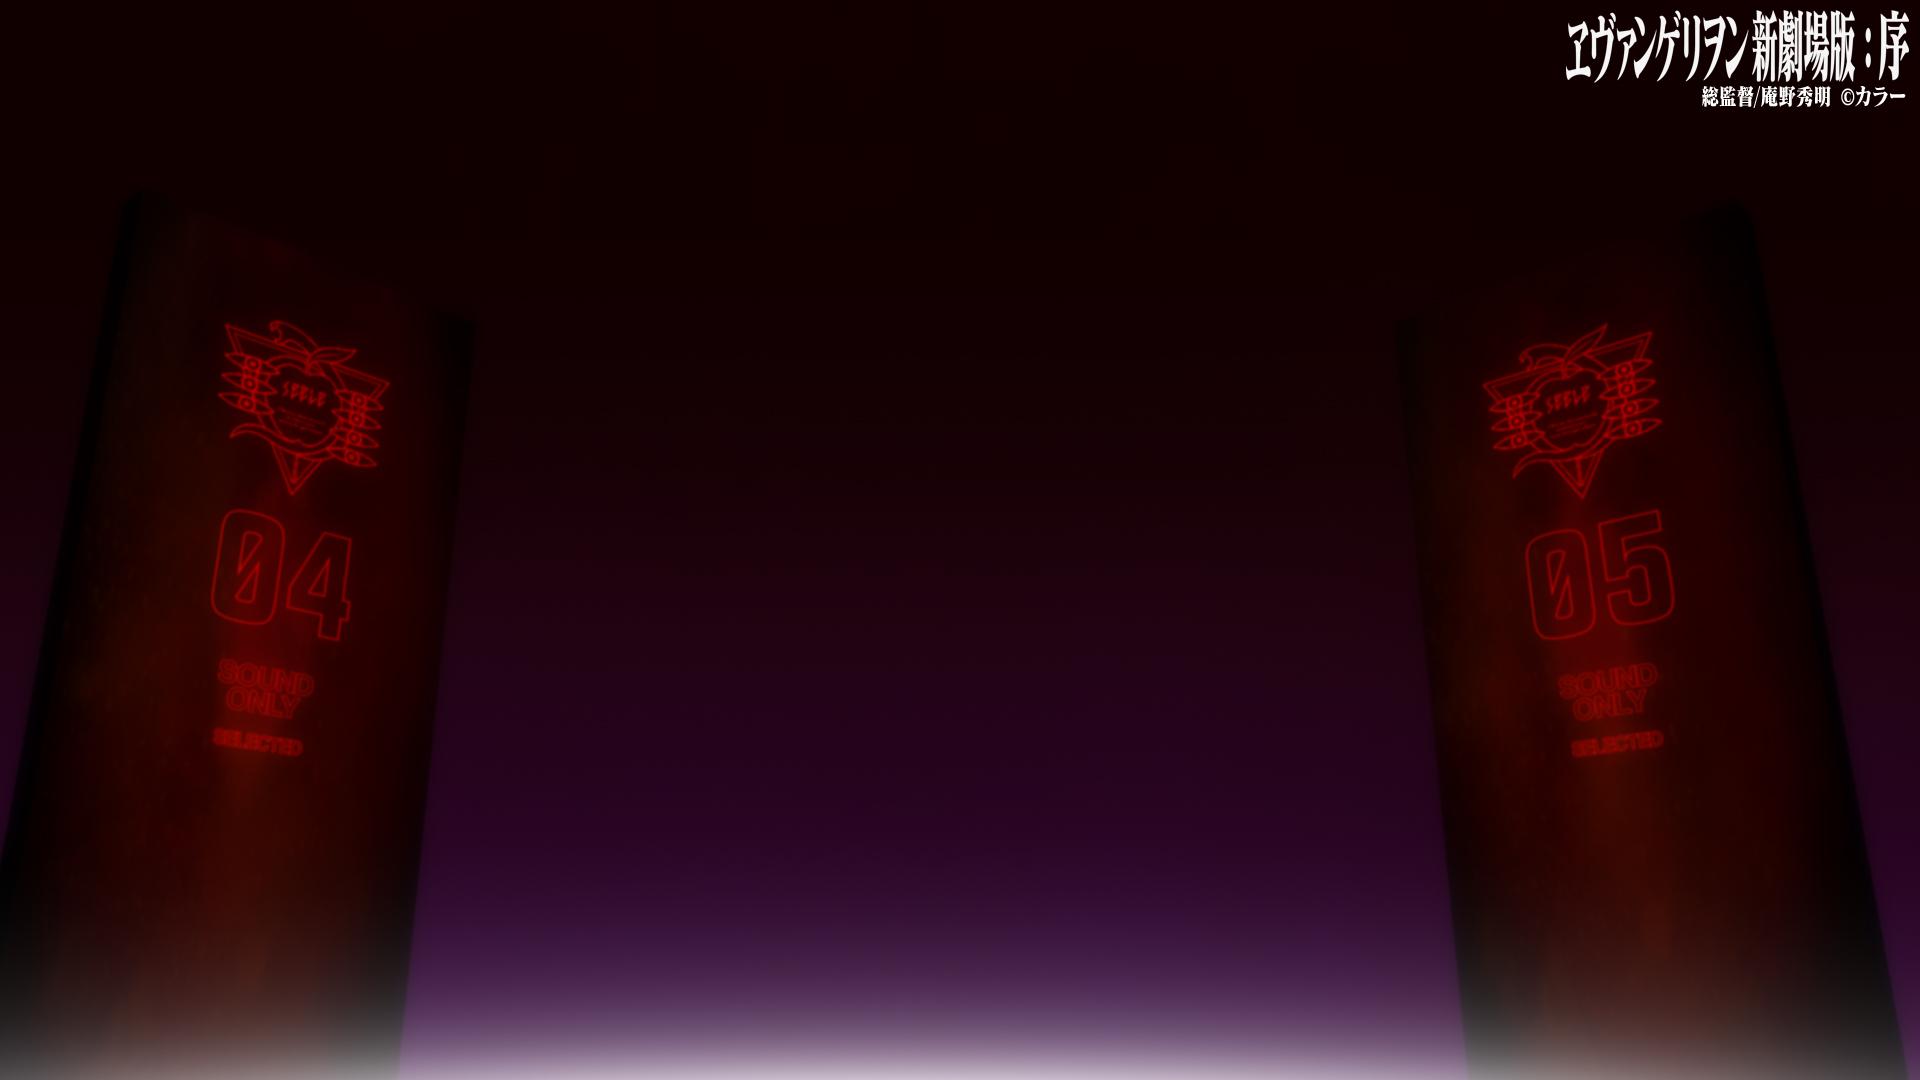 エヴァンゲリオンofficial Web会議などで使える エヴァンゲリオン壁紙 をご提供します 8枚ご用意しました 下記 公式サイトよりご利用ください T Co Fuvrwhxq3y エヴァンゲリオン エヴァ ヱヴァンゲリヲン新劇場版 Eva Evangelion 壁紙